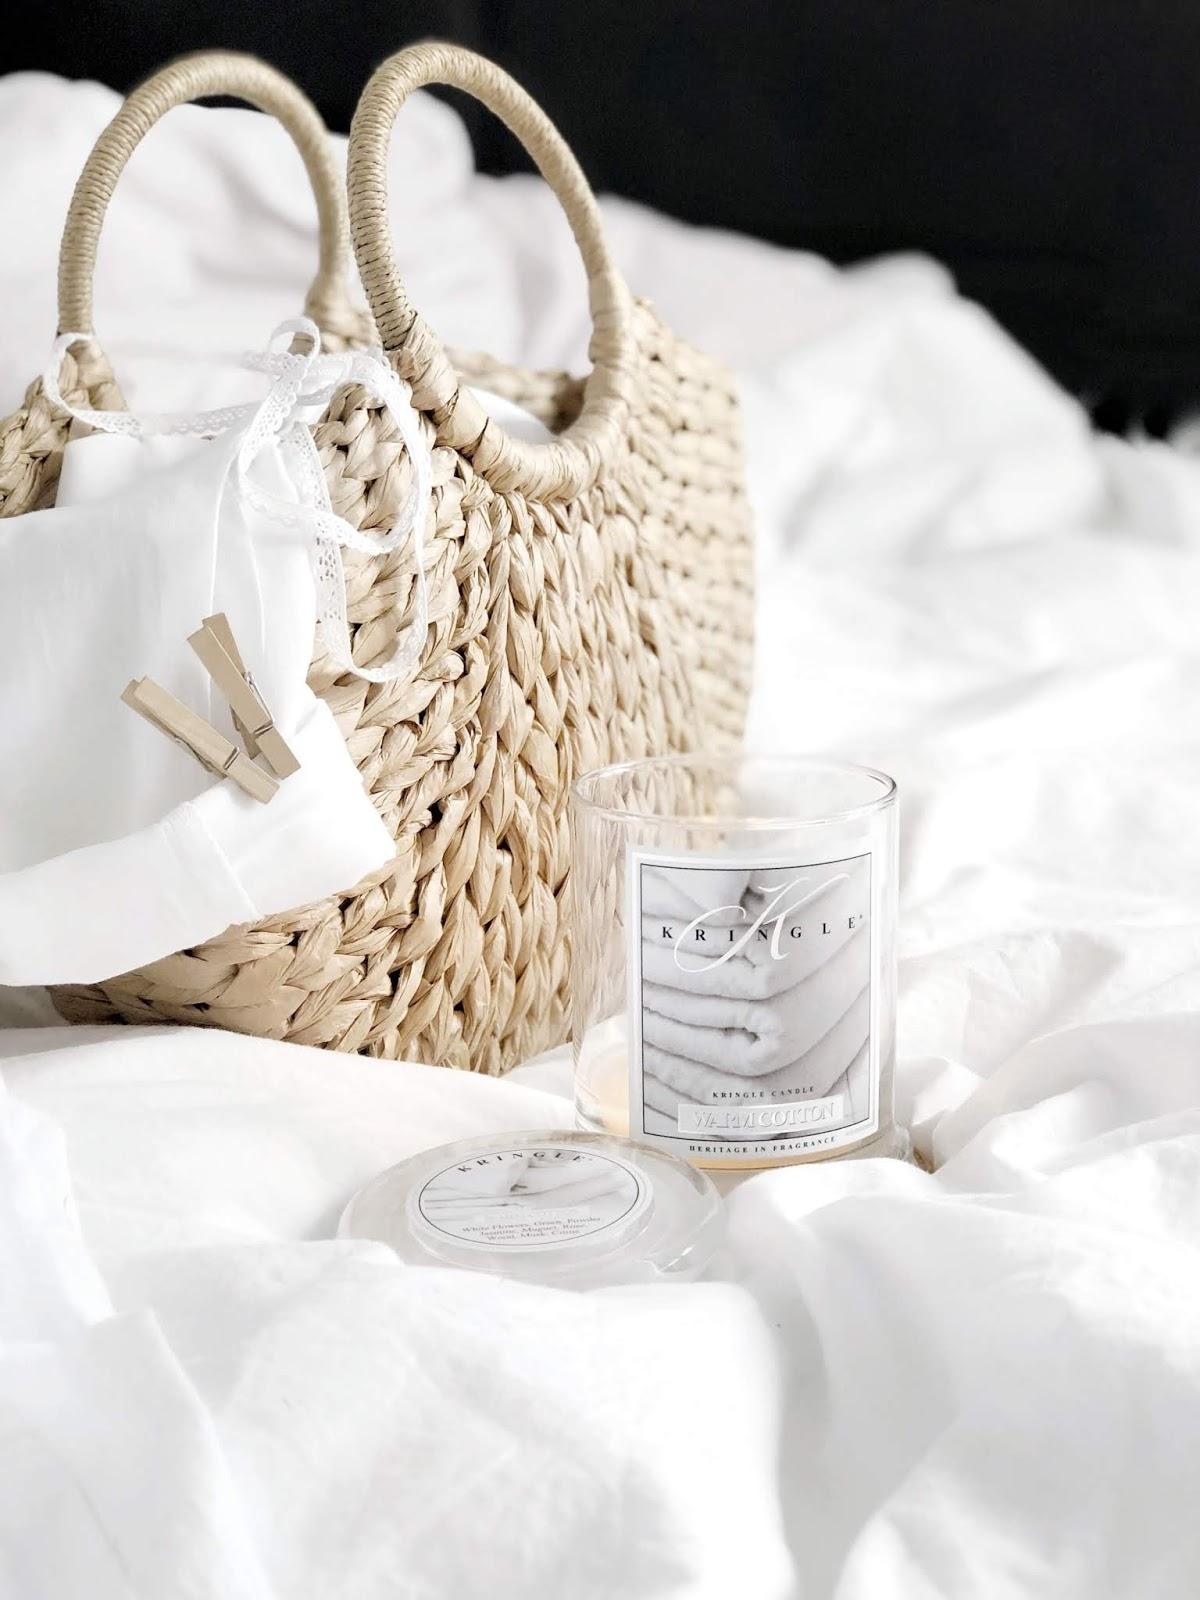 zapach-swiezego-prania-swieca-warm-cotton-kringle-candle